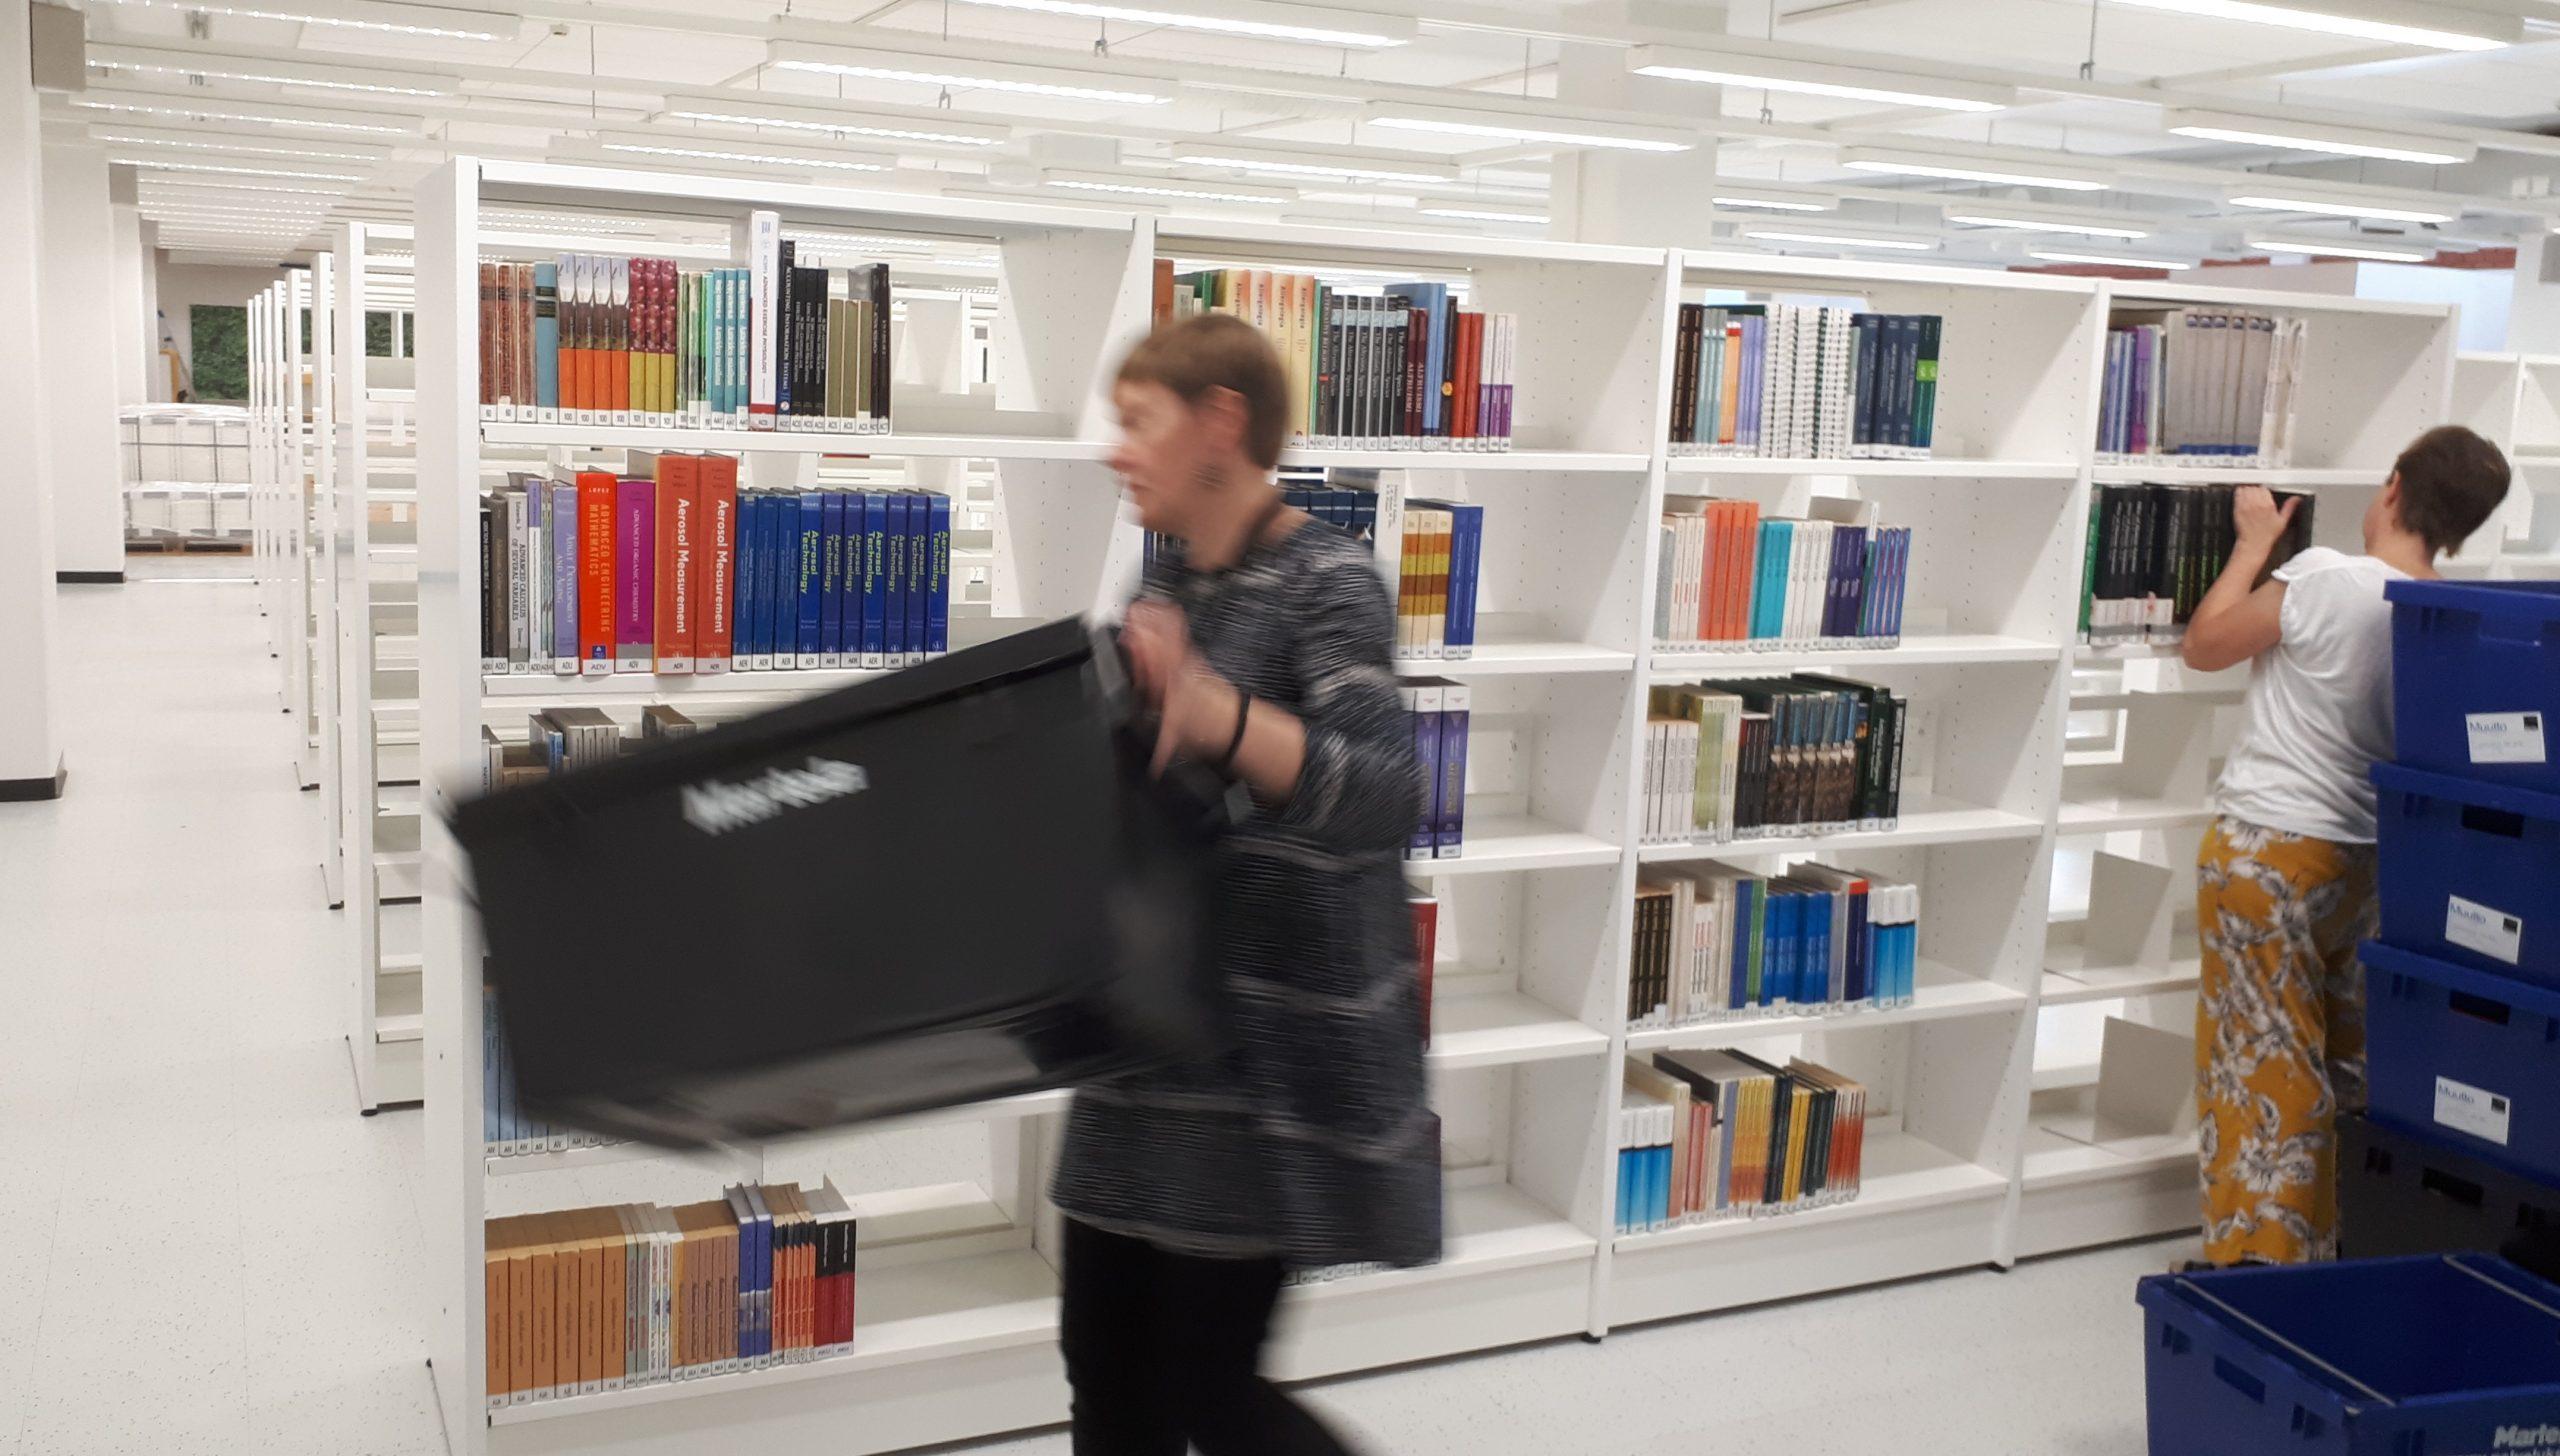 Henkilö kantaa tyhjää muovilaatikkoa. | Toinen henkilö hyllyttää kirjoja.